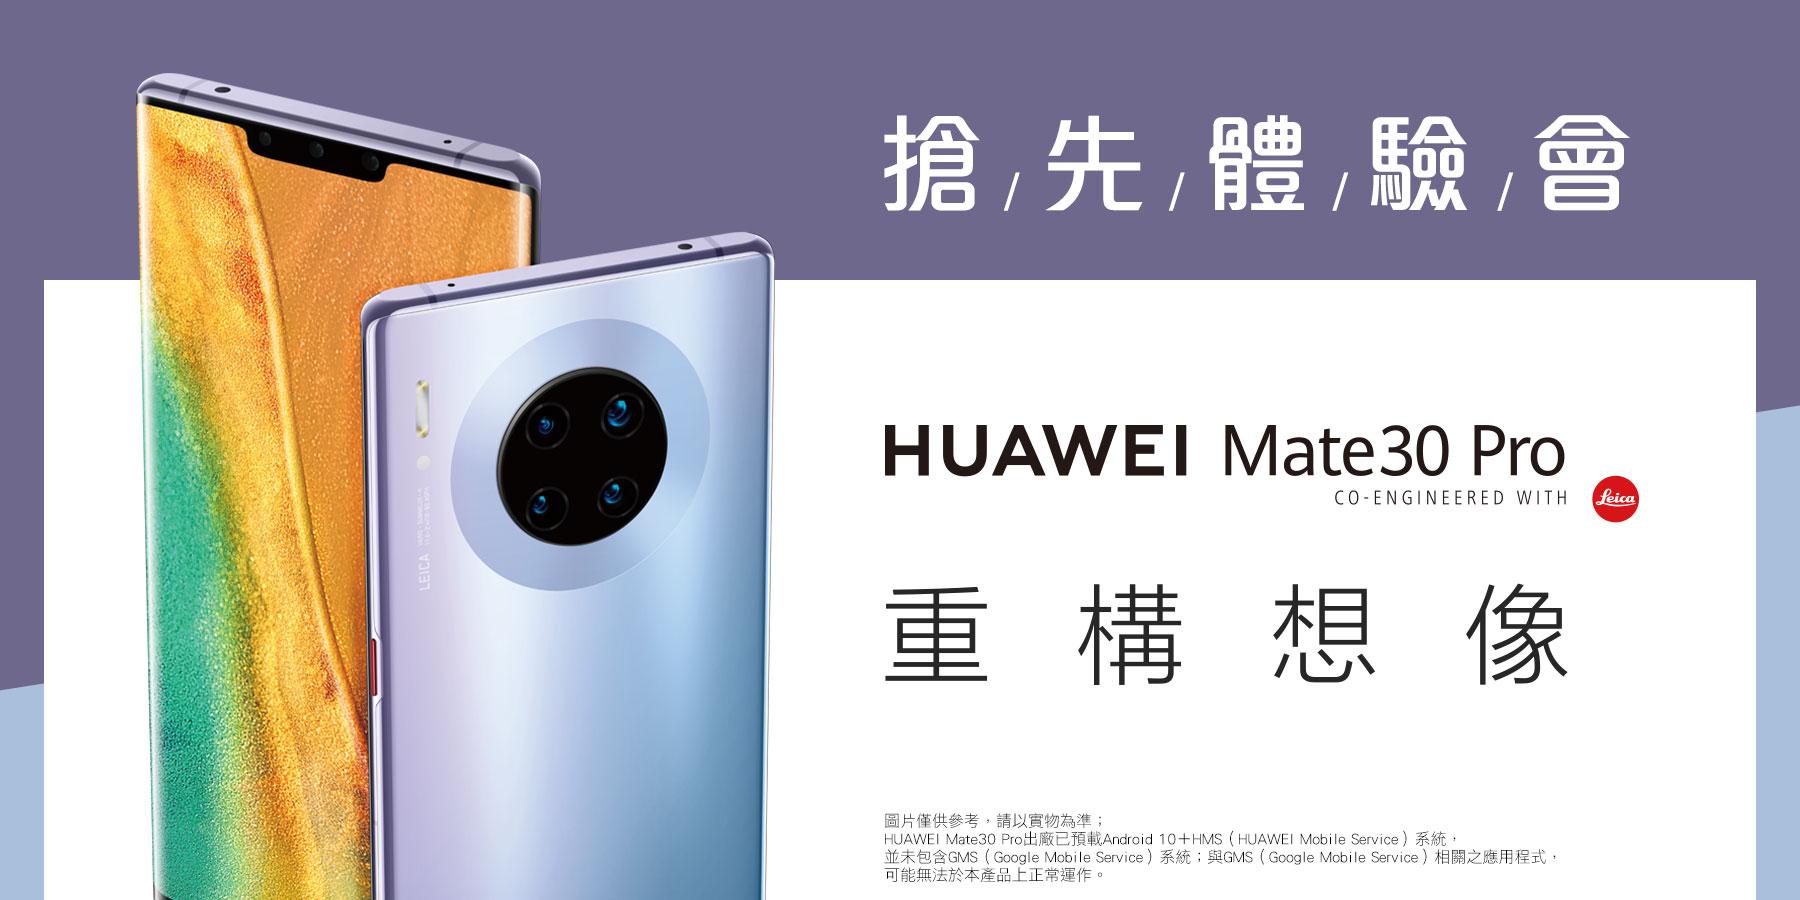 HUAWEI Mate30 Pro 搶先體驗會